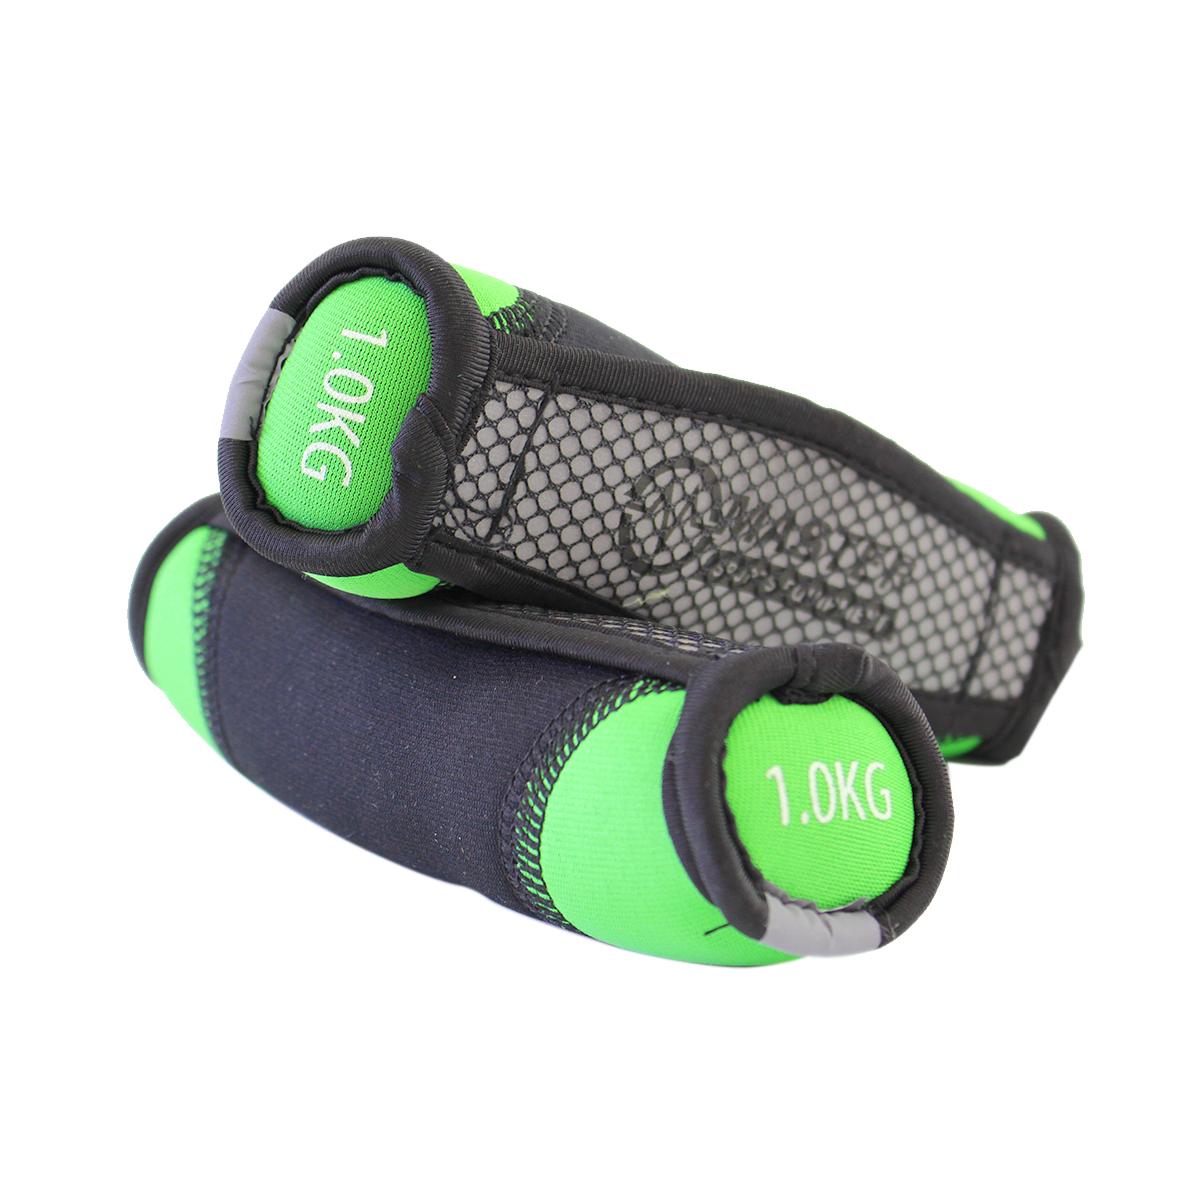 Neoprénové jednoručné činky MASTER Jogging 2 x 1 kg